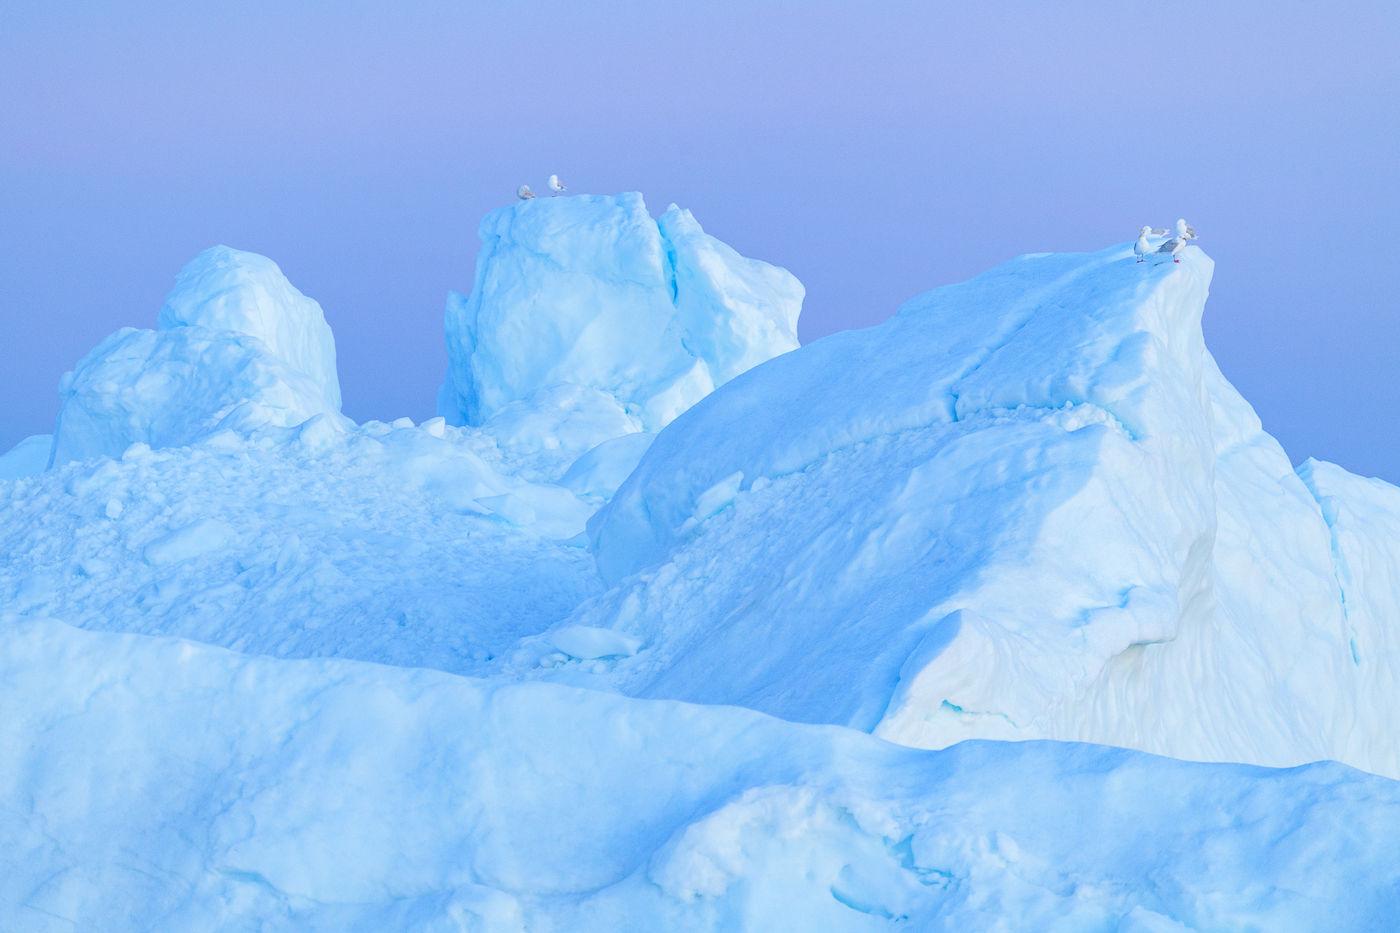 Grote burgemeesters laten steeds hun lachende roep horen vanop de toppen van de ijsbergen. © Bart Heirweg